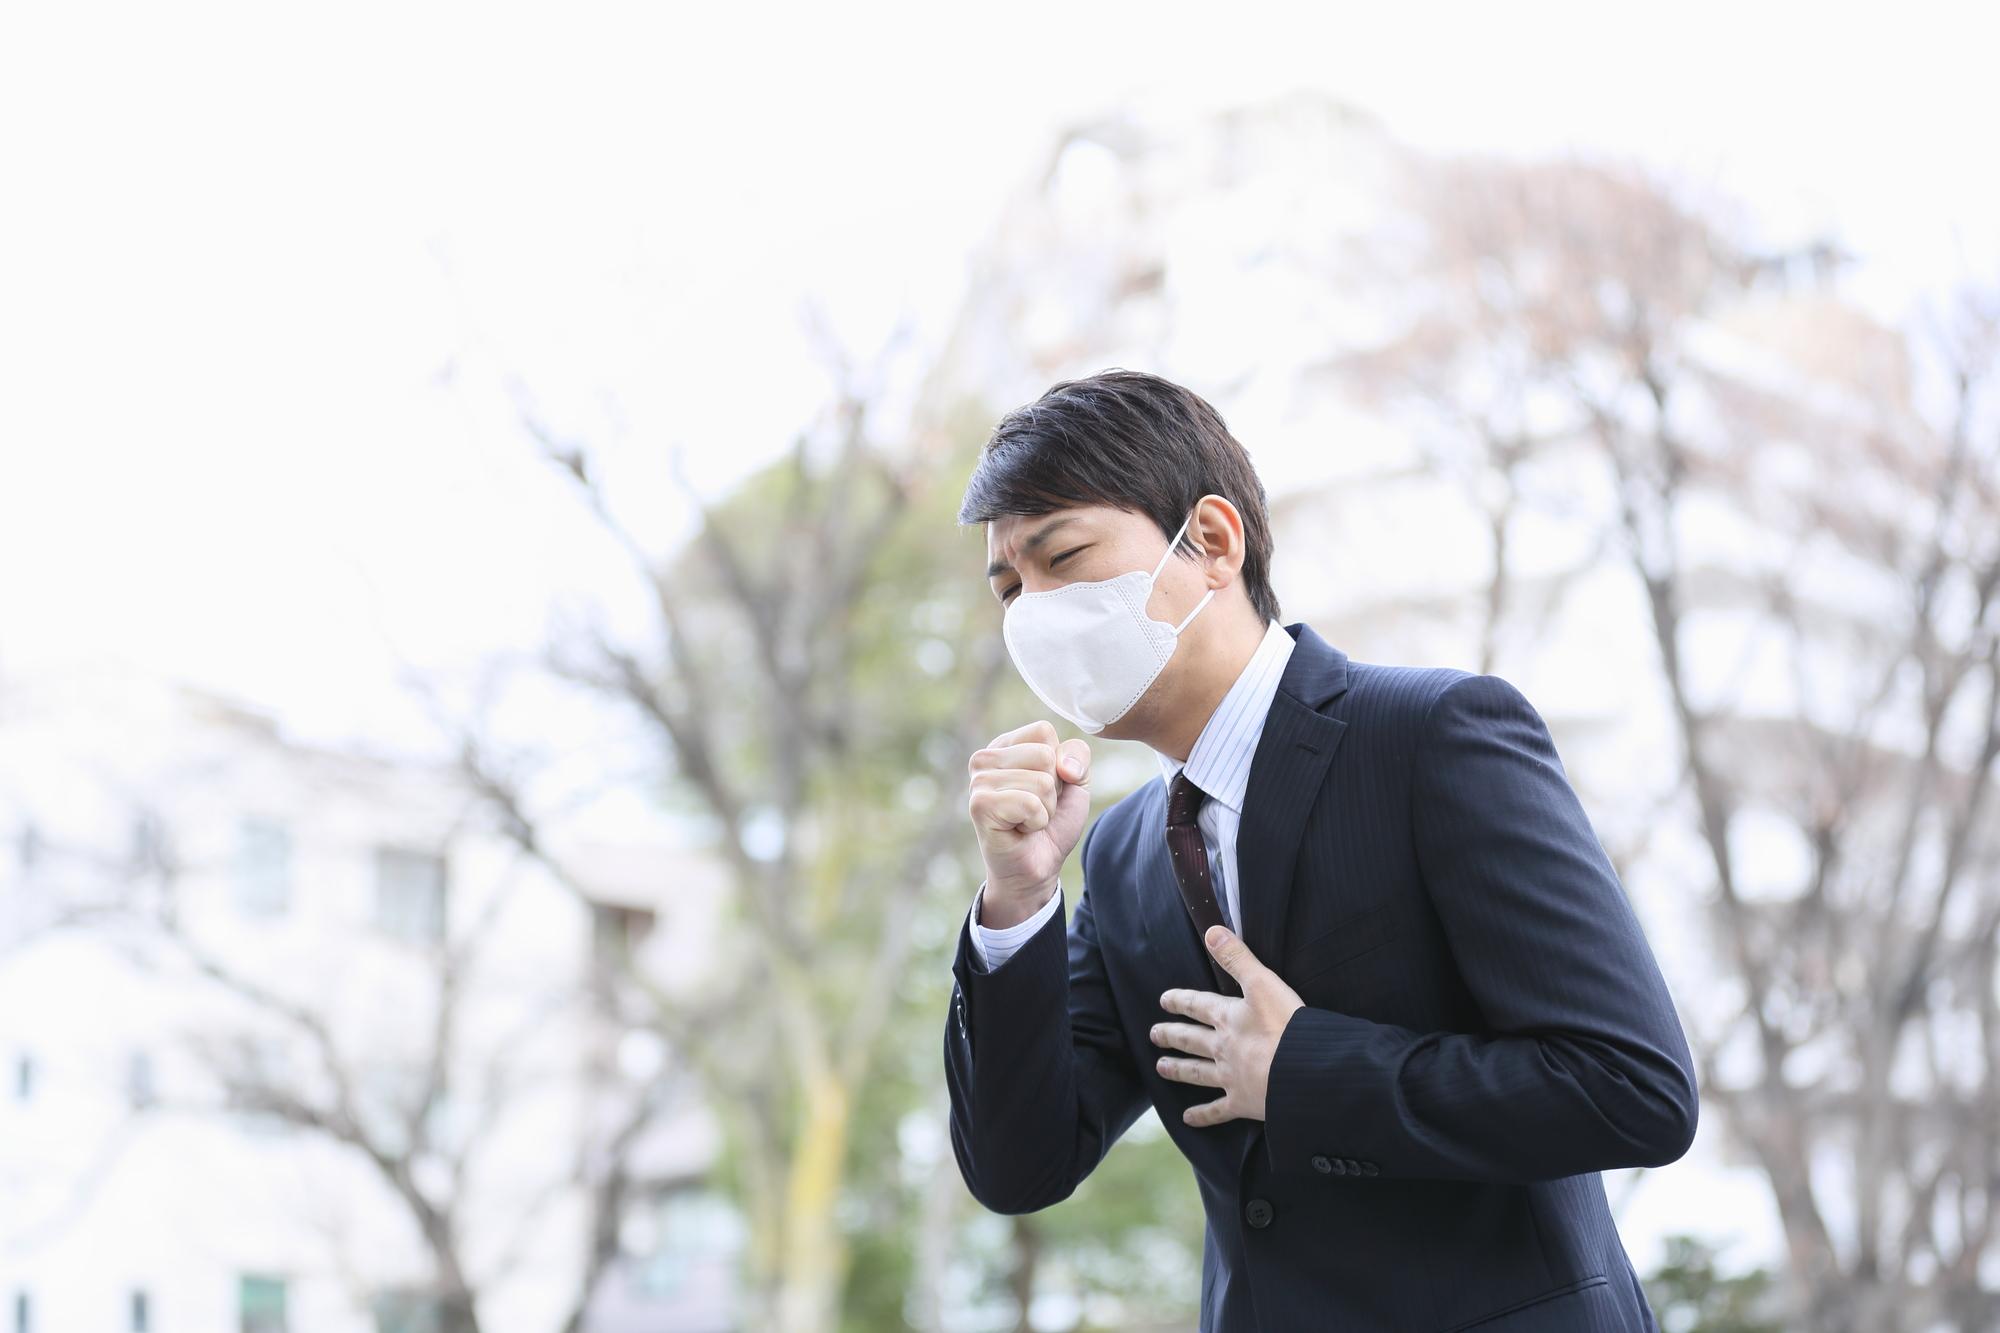 インフルエンザ 予防 接種 腫れ ひどい